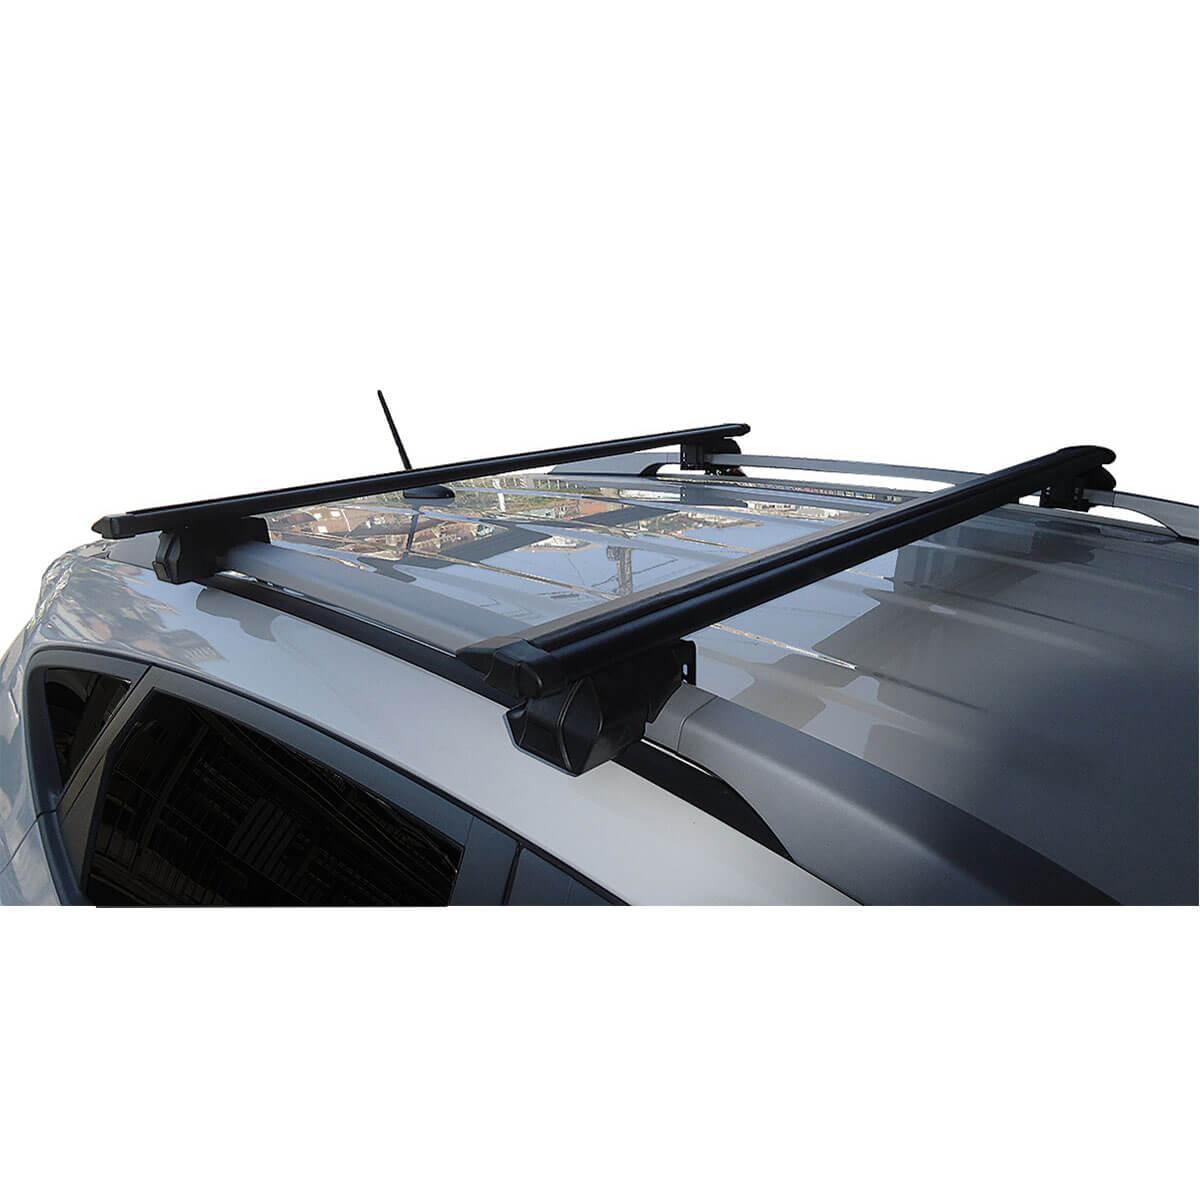 Travessa rack de teto Procargo preta IX35 2011 a 2017 com trava de segurança